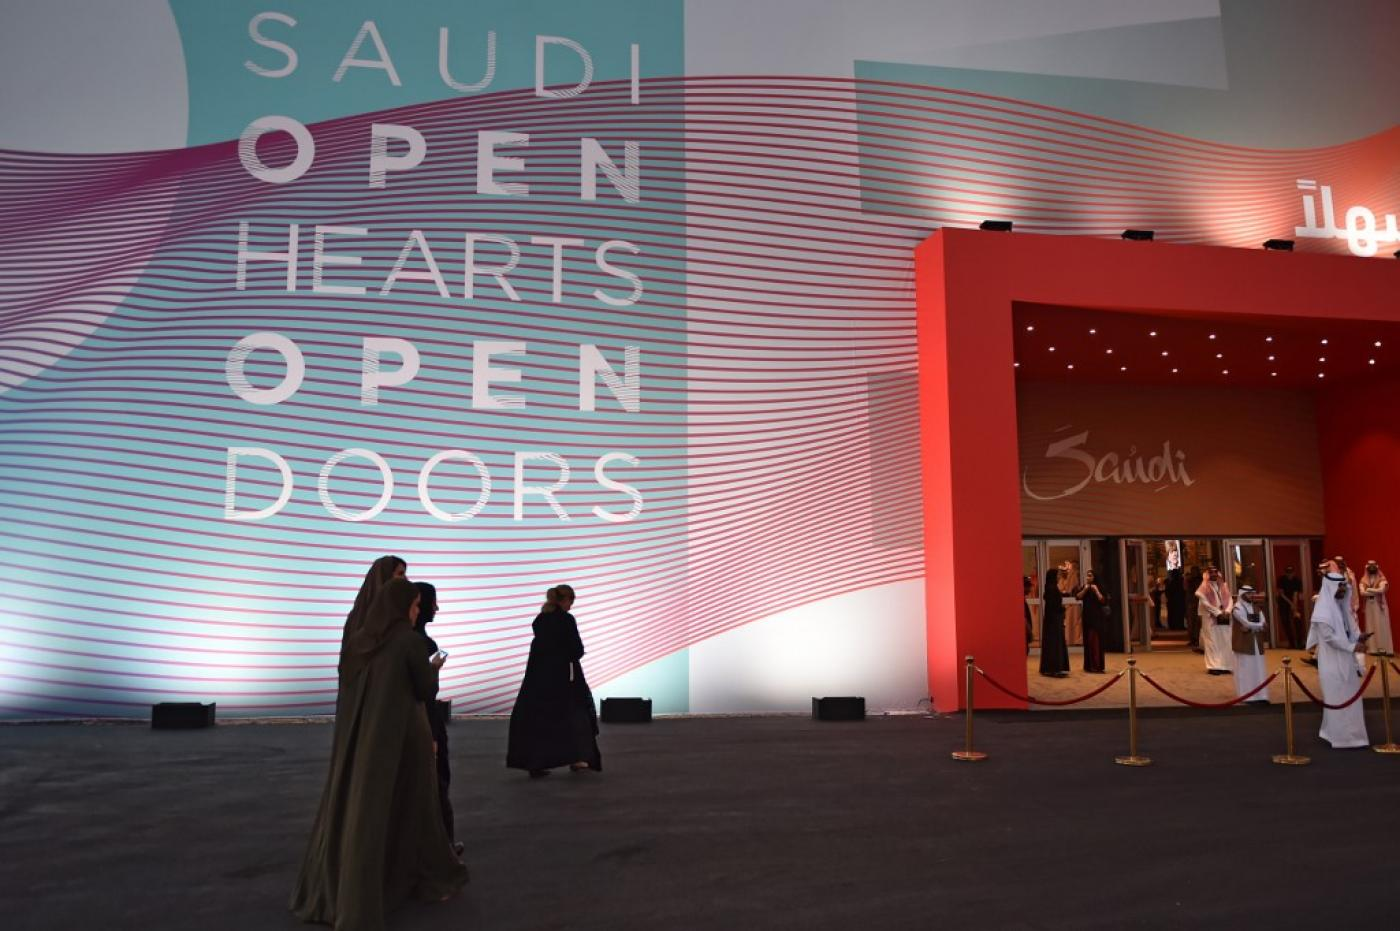 صورة السعودية تسمح للرجال والنساء الأجانب بمشاركة غرف الفنادق دون إثبات ارتباطهما